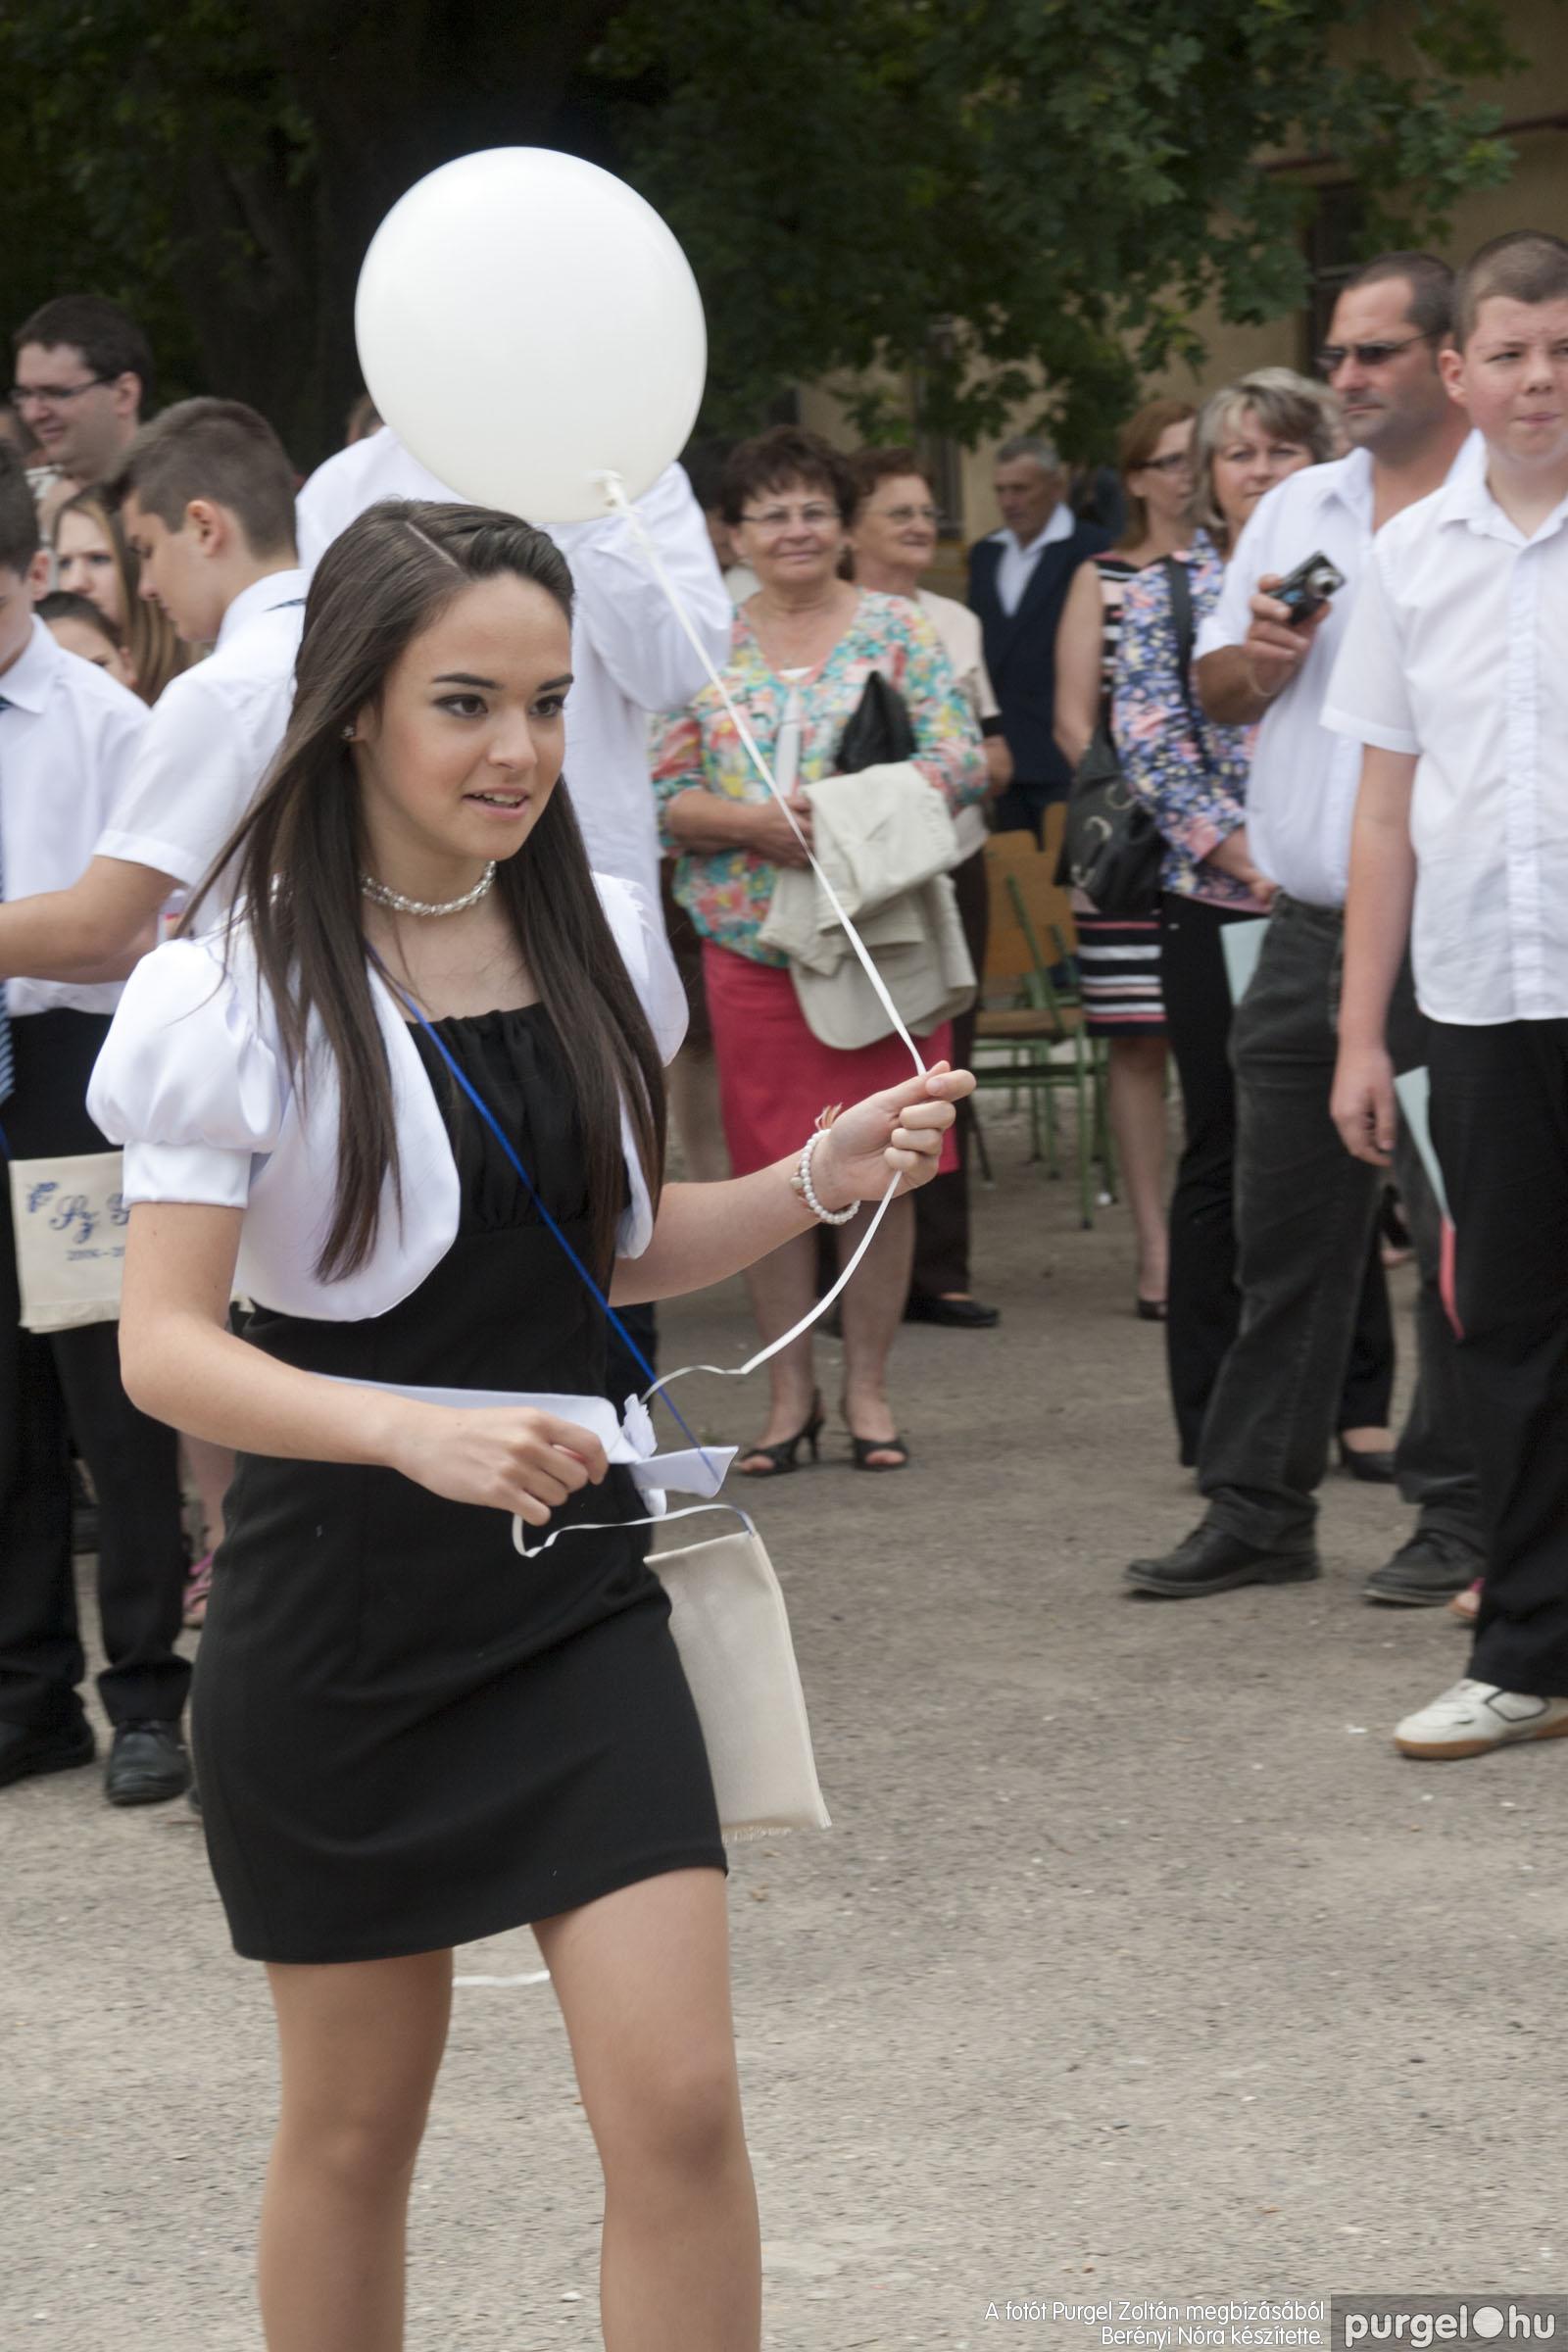 2014.06.14. 337 Forray Máté Általános Iskola ballagás 2014. - Fotó:BERÉNYI NÓRA© _MG_6070